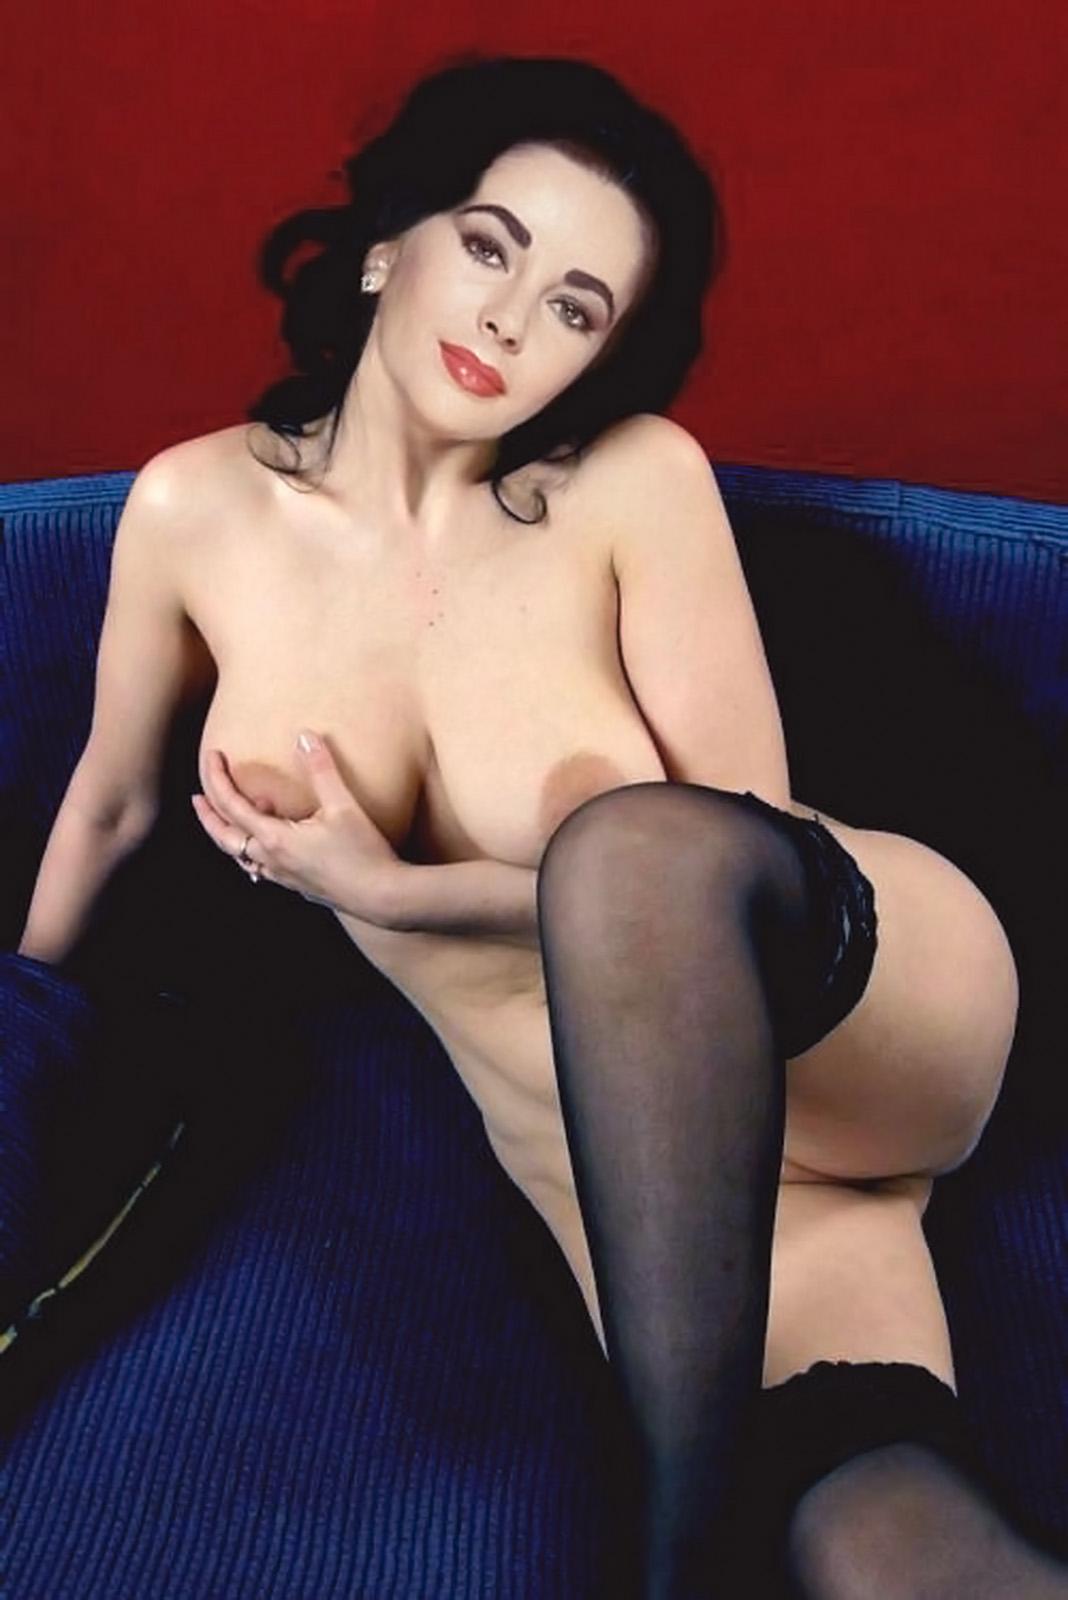 images of elizabeth taylor nude